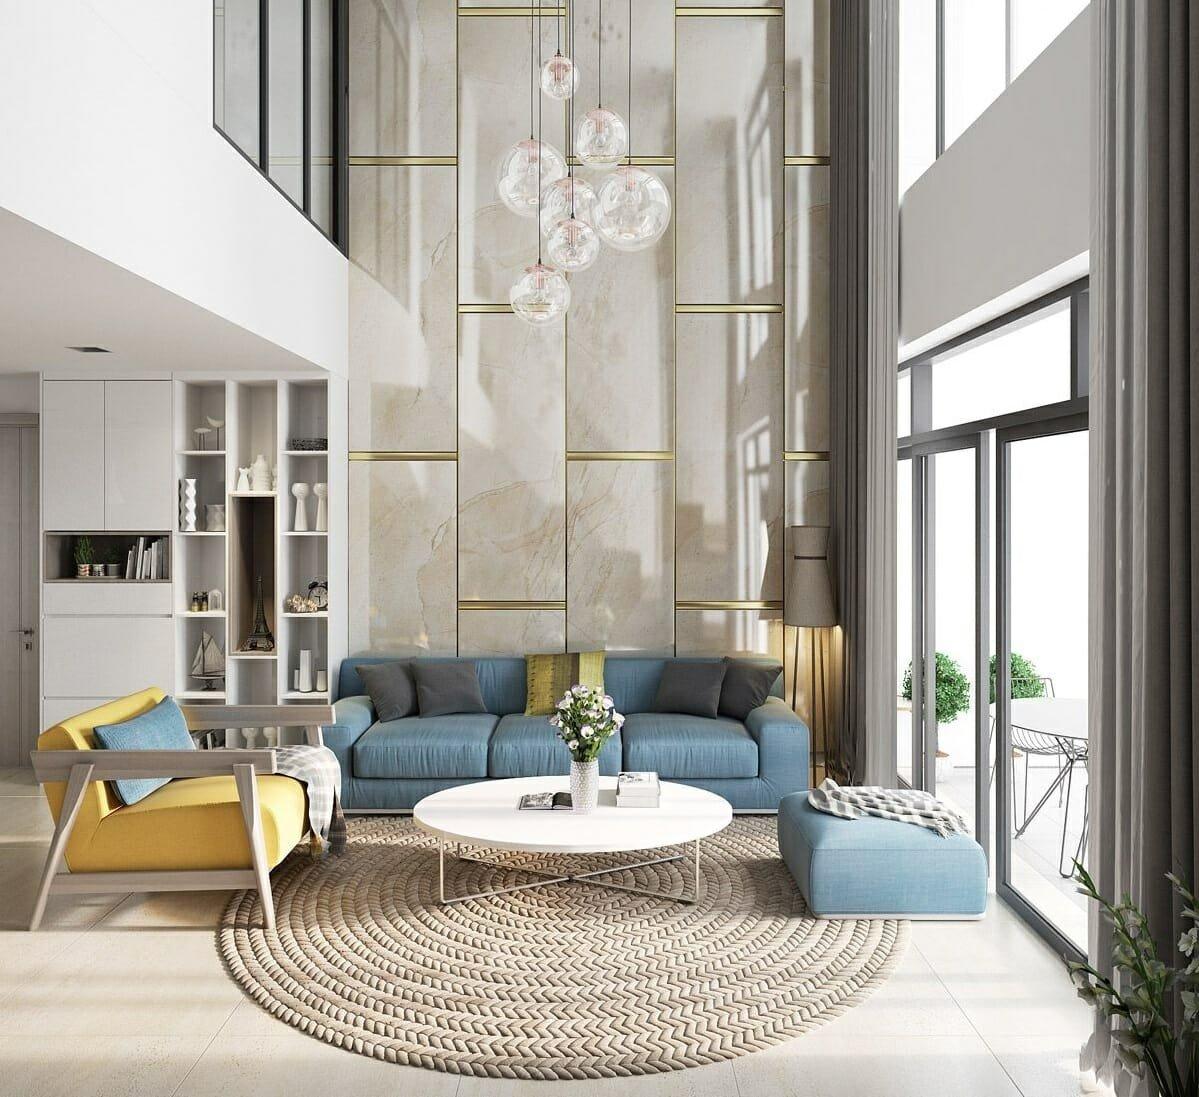 Decorilla Online Interior Design